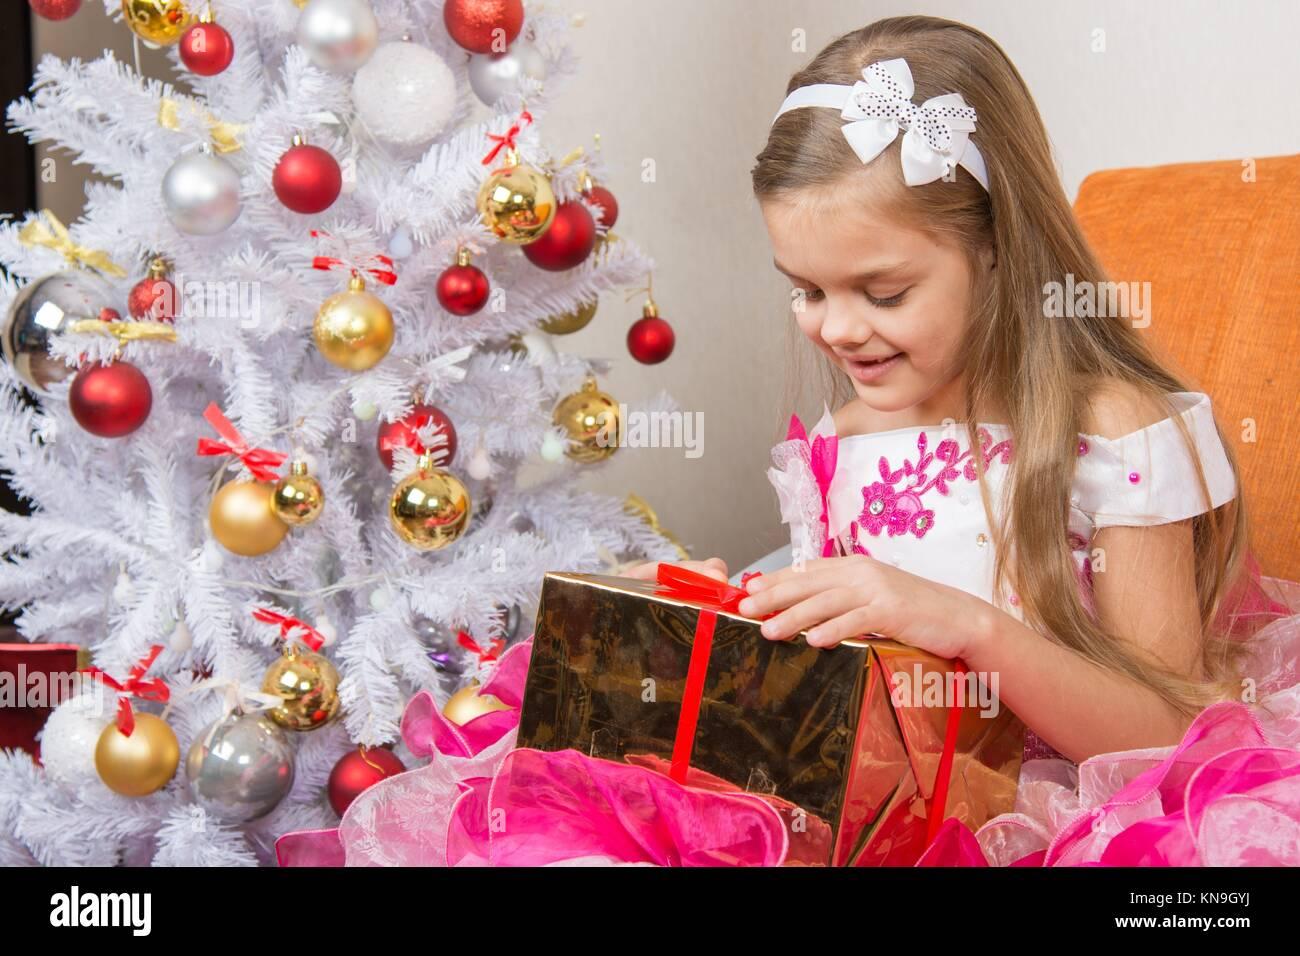 7 Jährige Mädchen In Einem Schönen Kleid Erwägt Ein